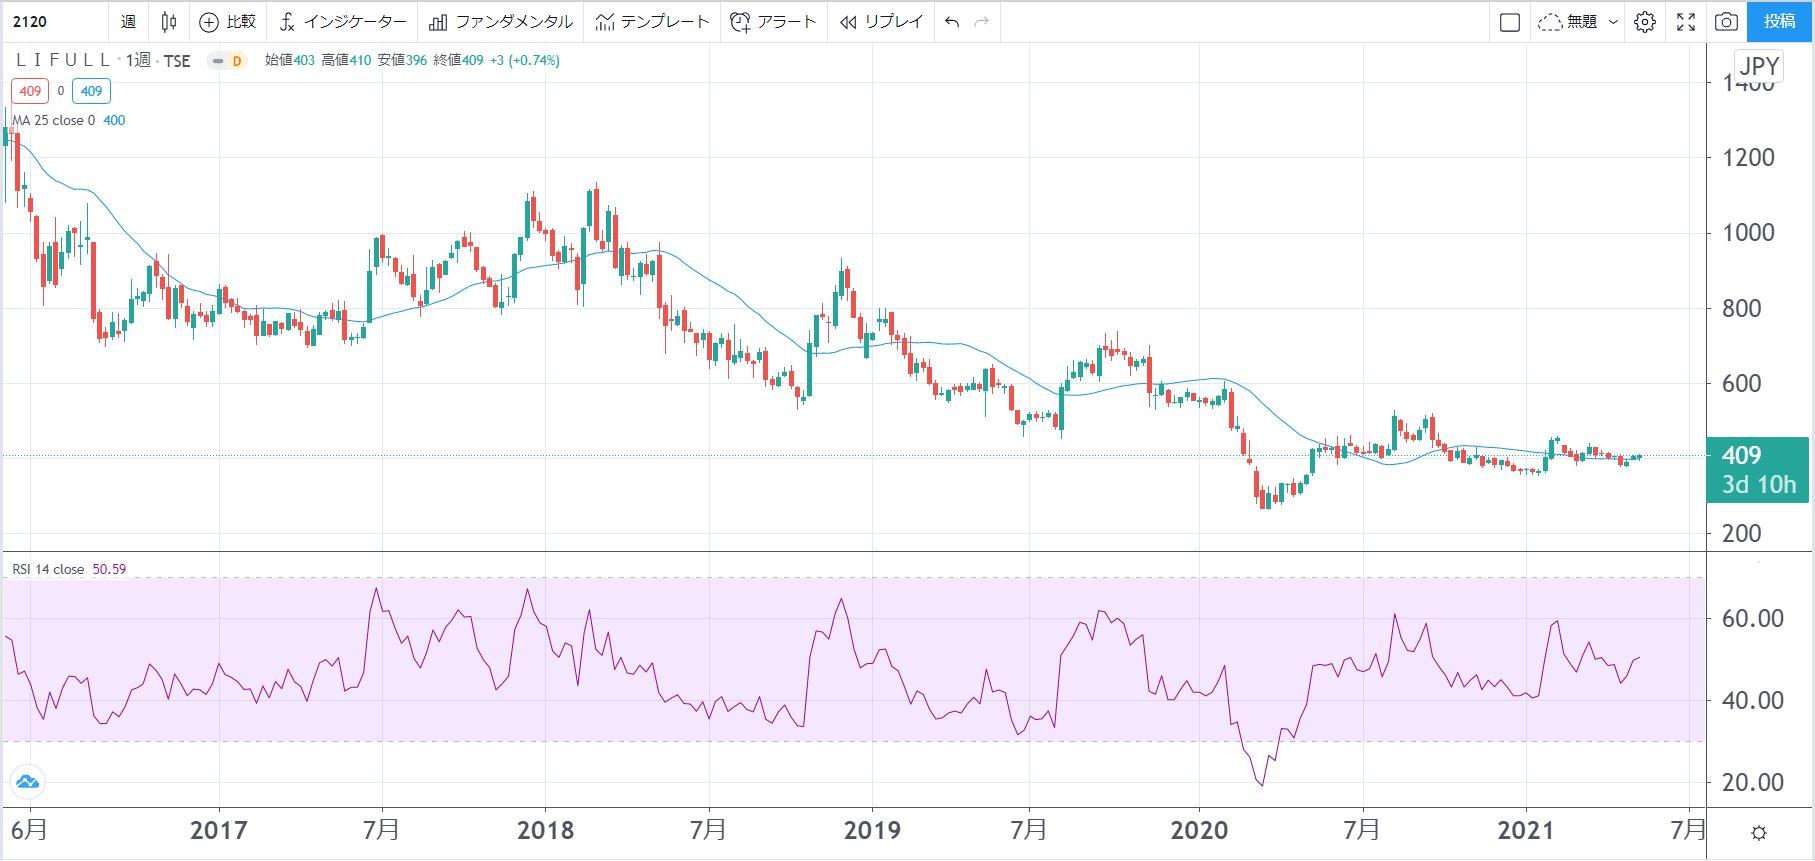 5年株価チャート-LIFULL-2120